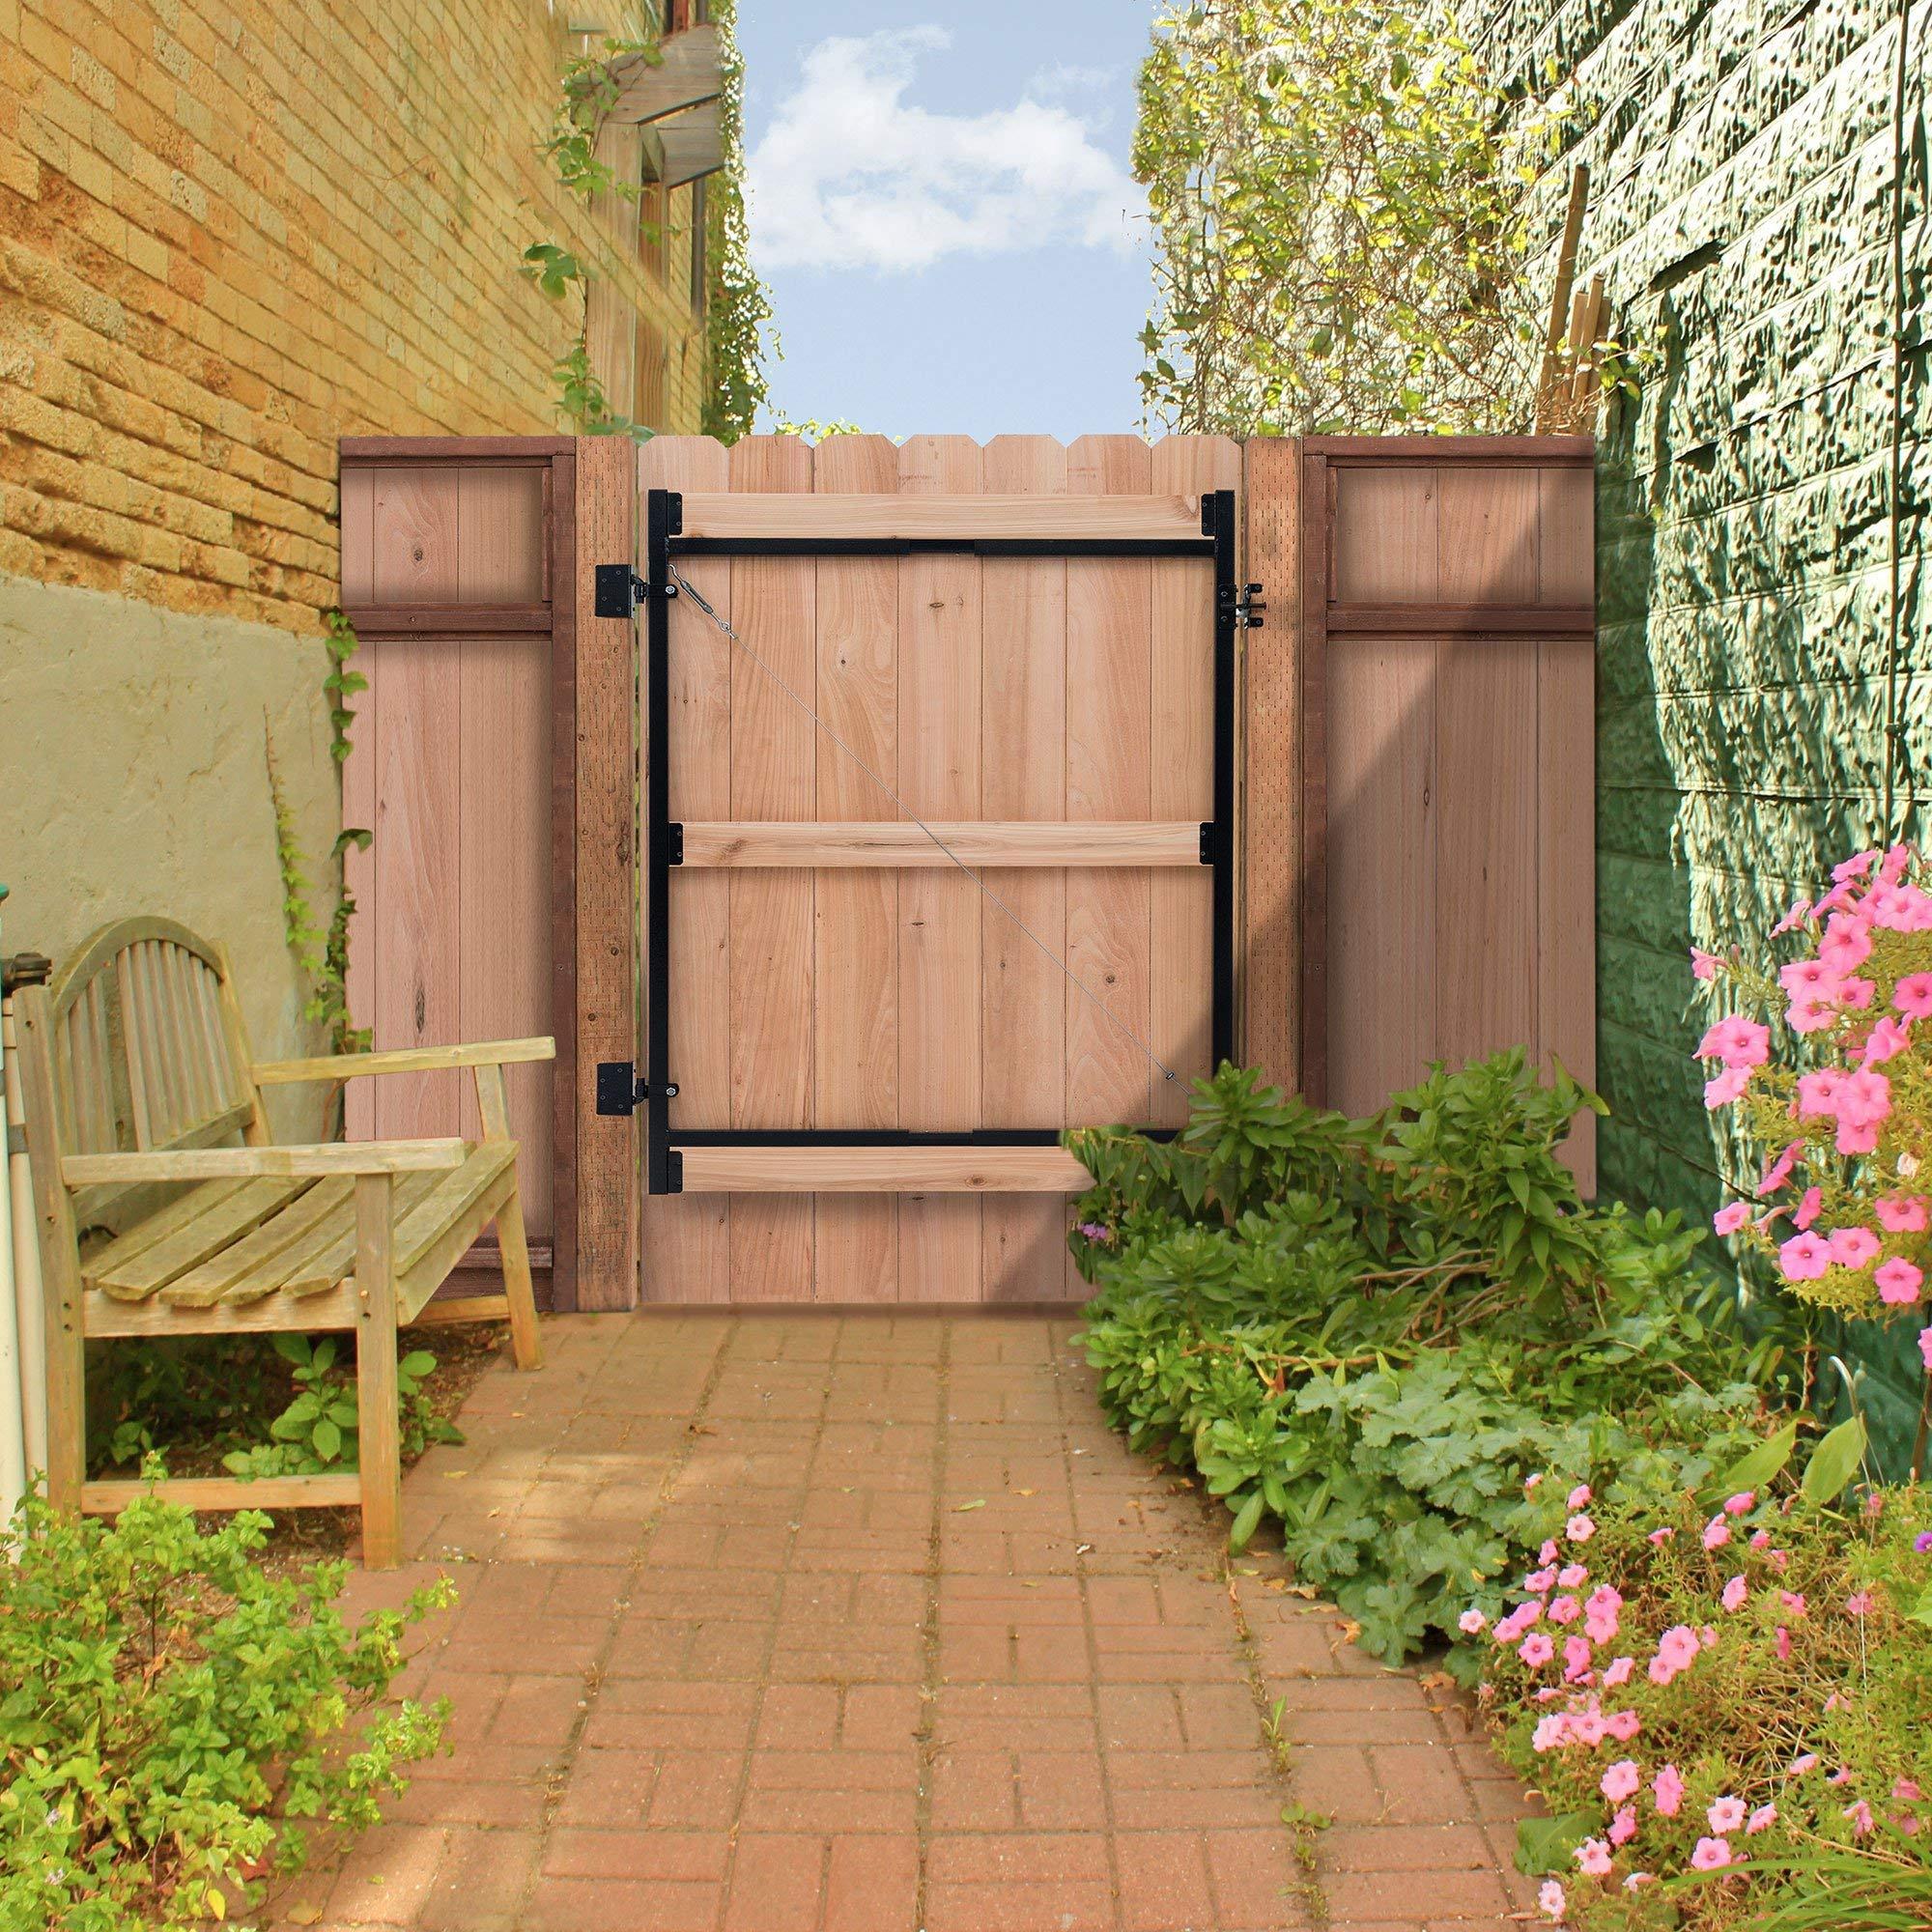 Adjust-A-Gate Steel Frame Gate Building Kit, 60''-96'' Wide, 6' High (2 Pack) by Adjust-A-Gate (Image #7)